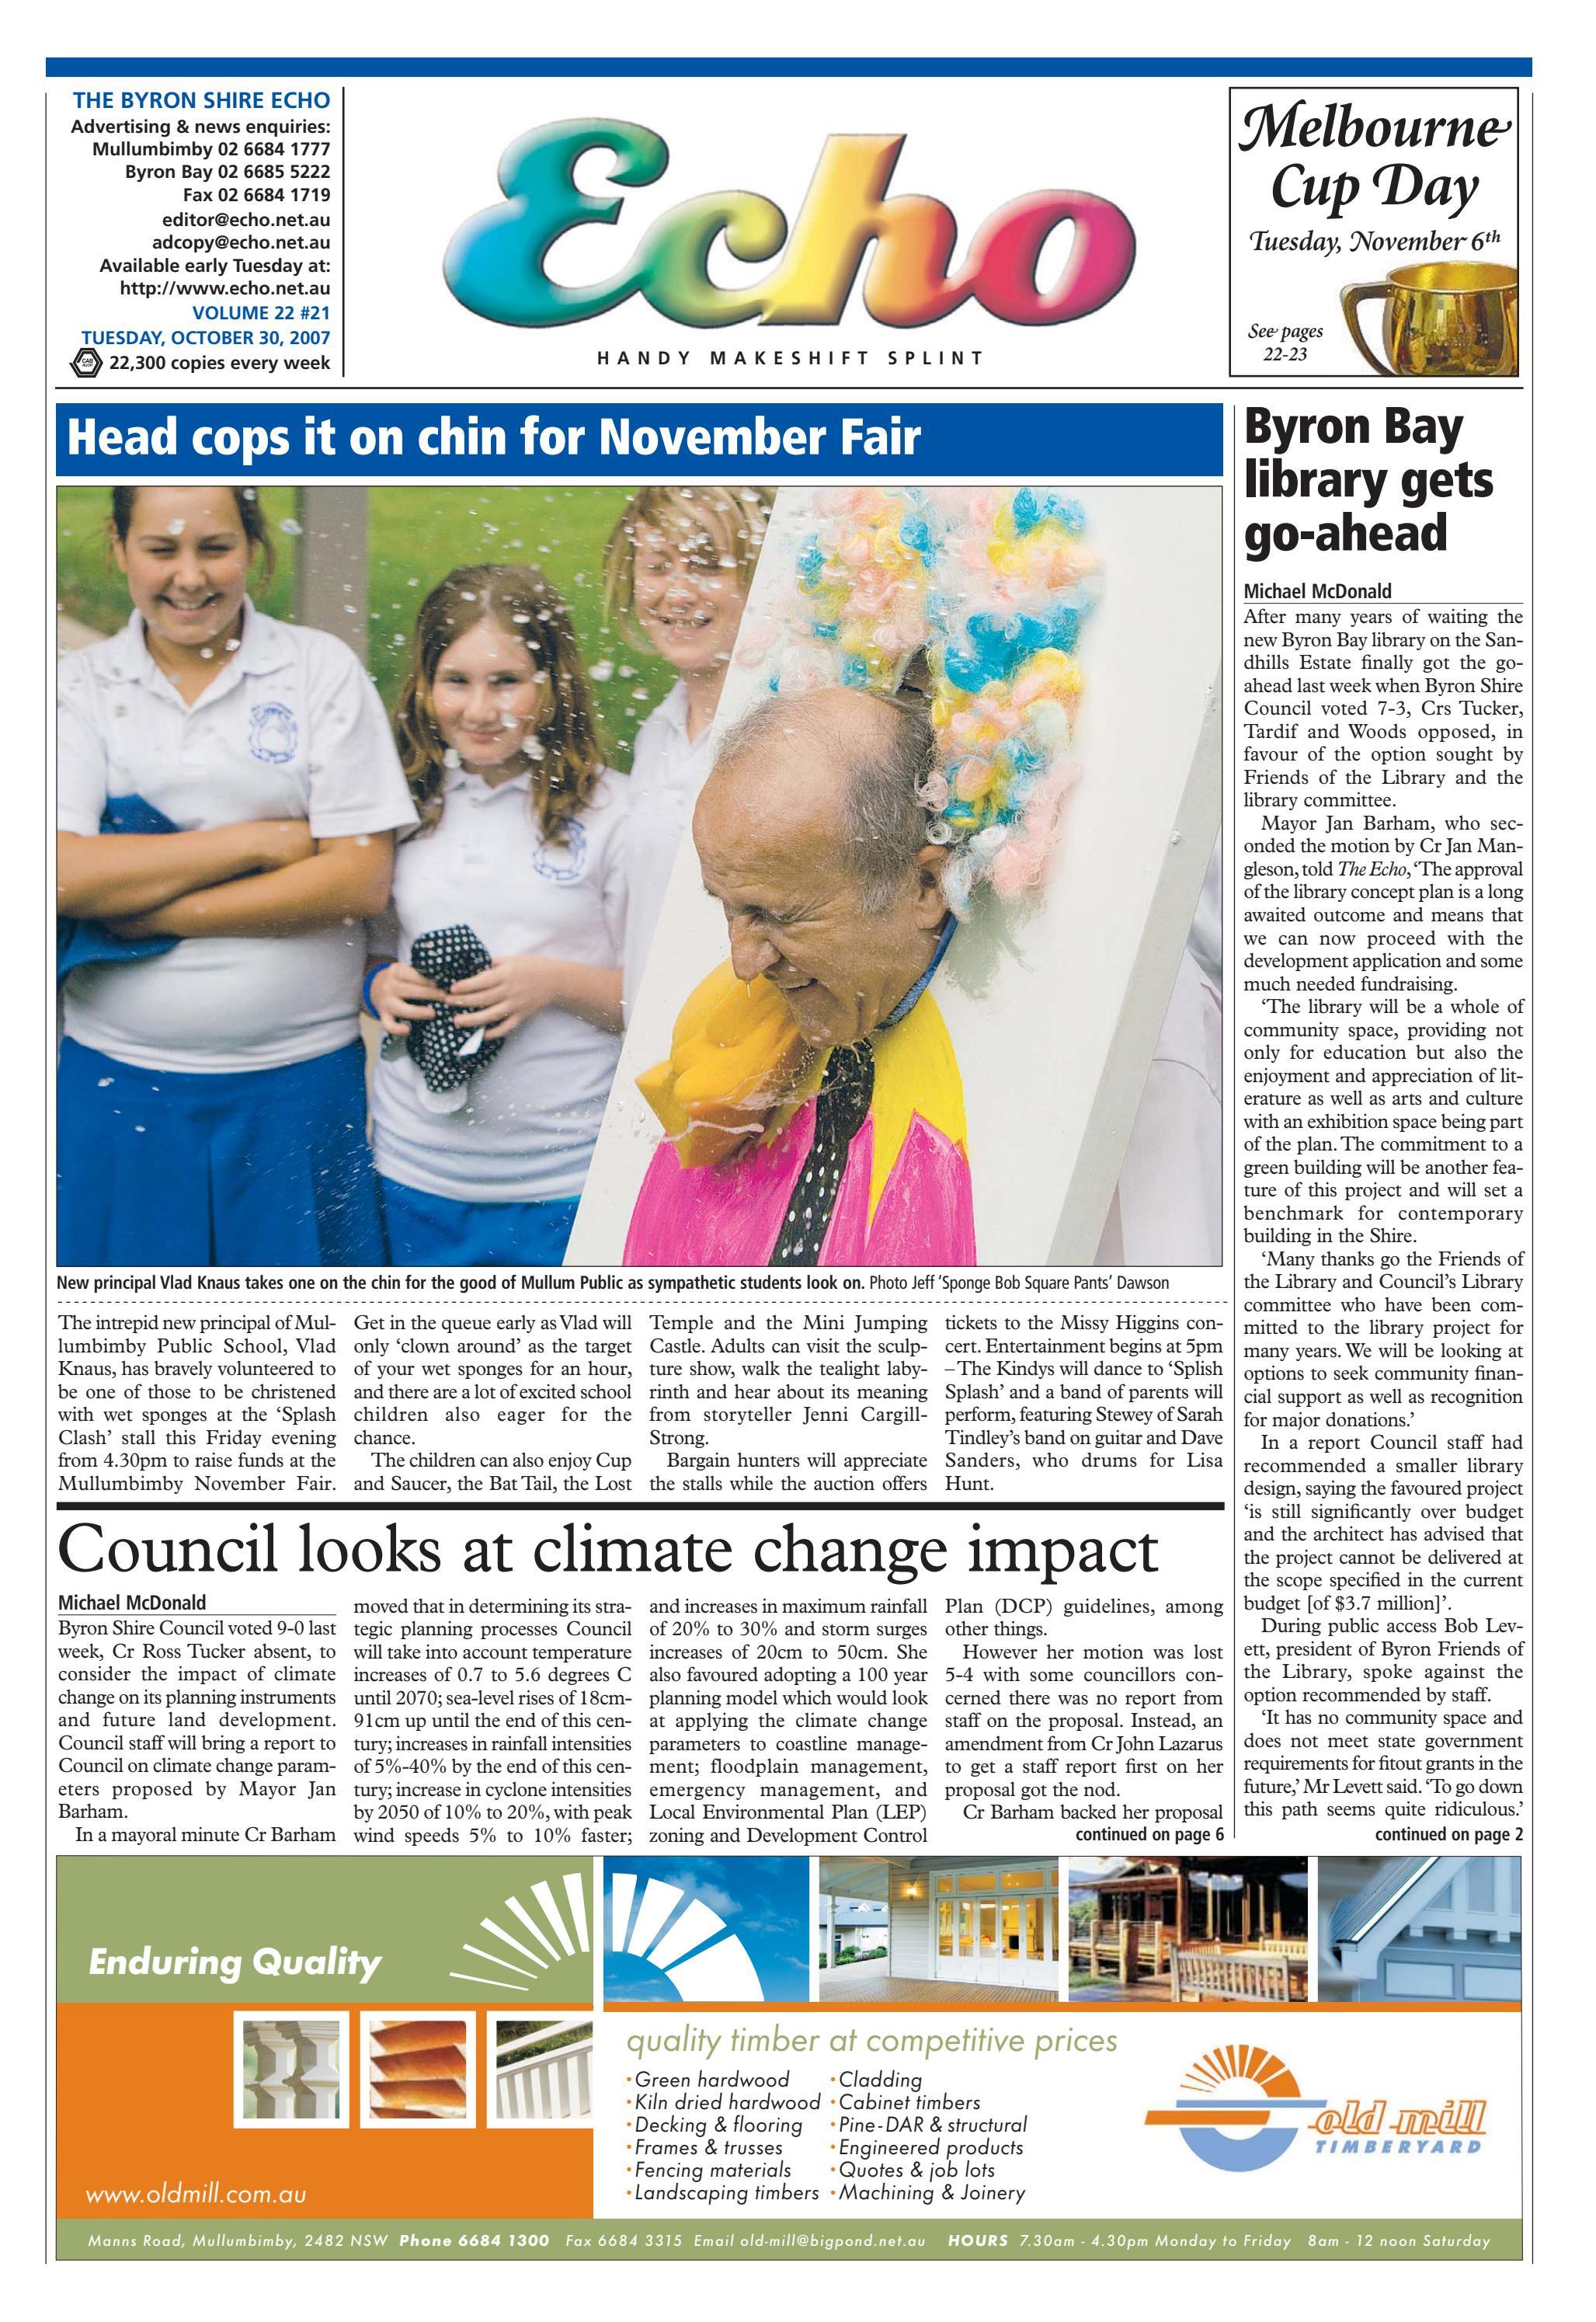 Byron shire echo issue 2221 30102007 by echo publications byron shire echo issue 2221 30102007 by echo publications issuu pooptronica